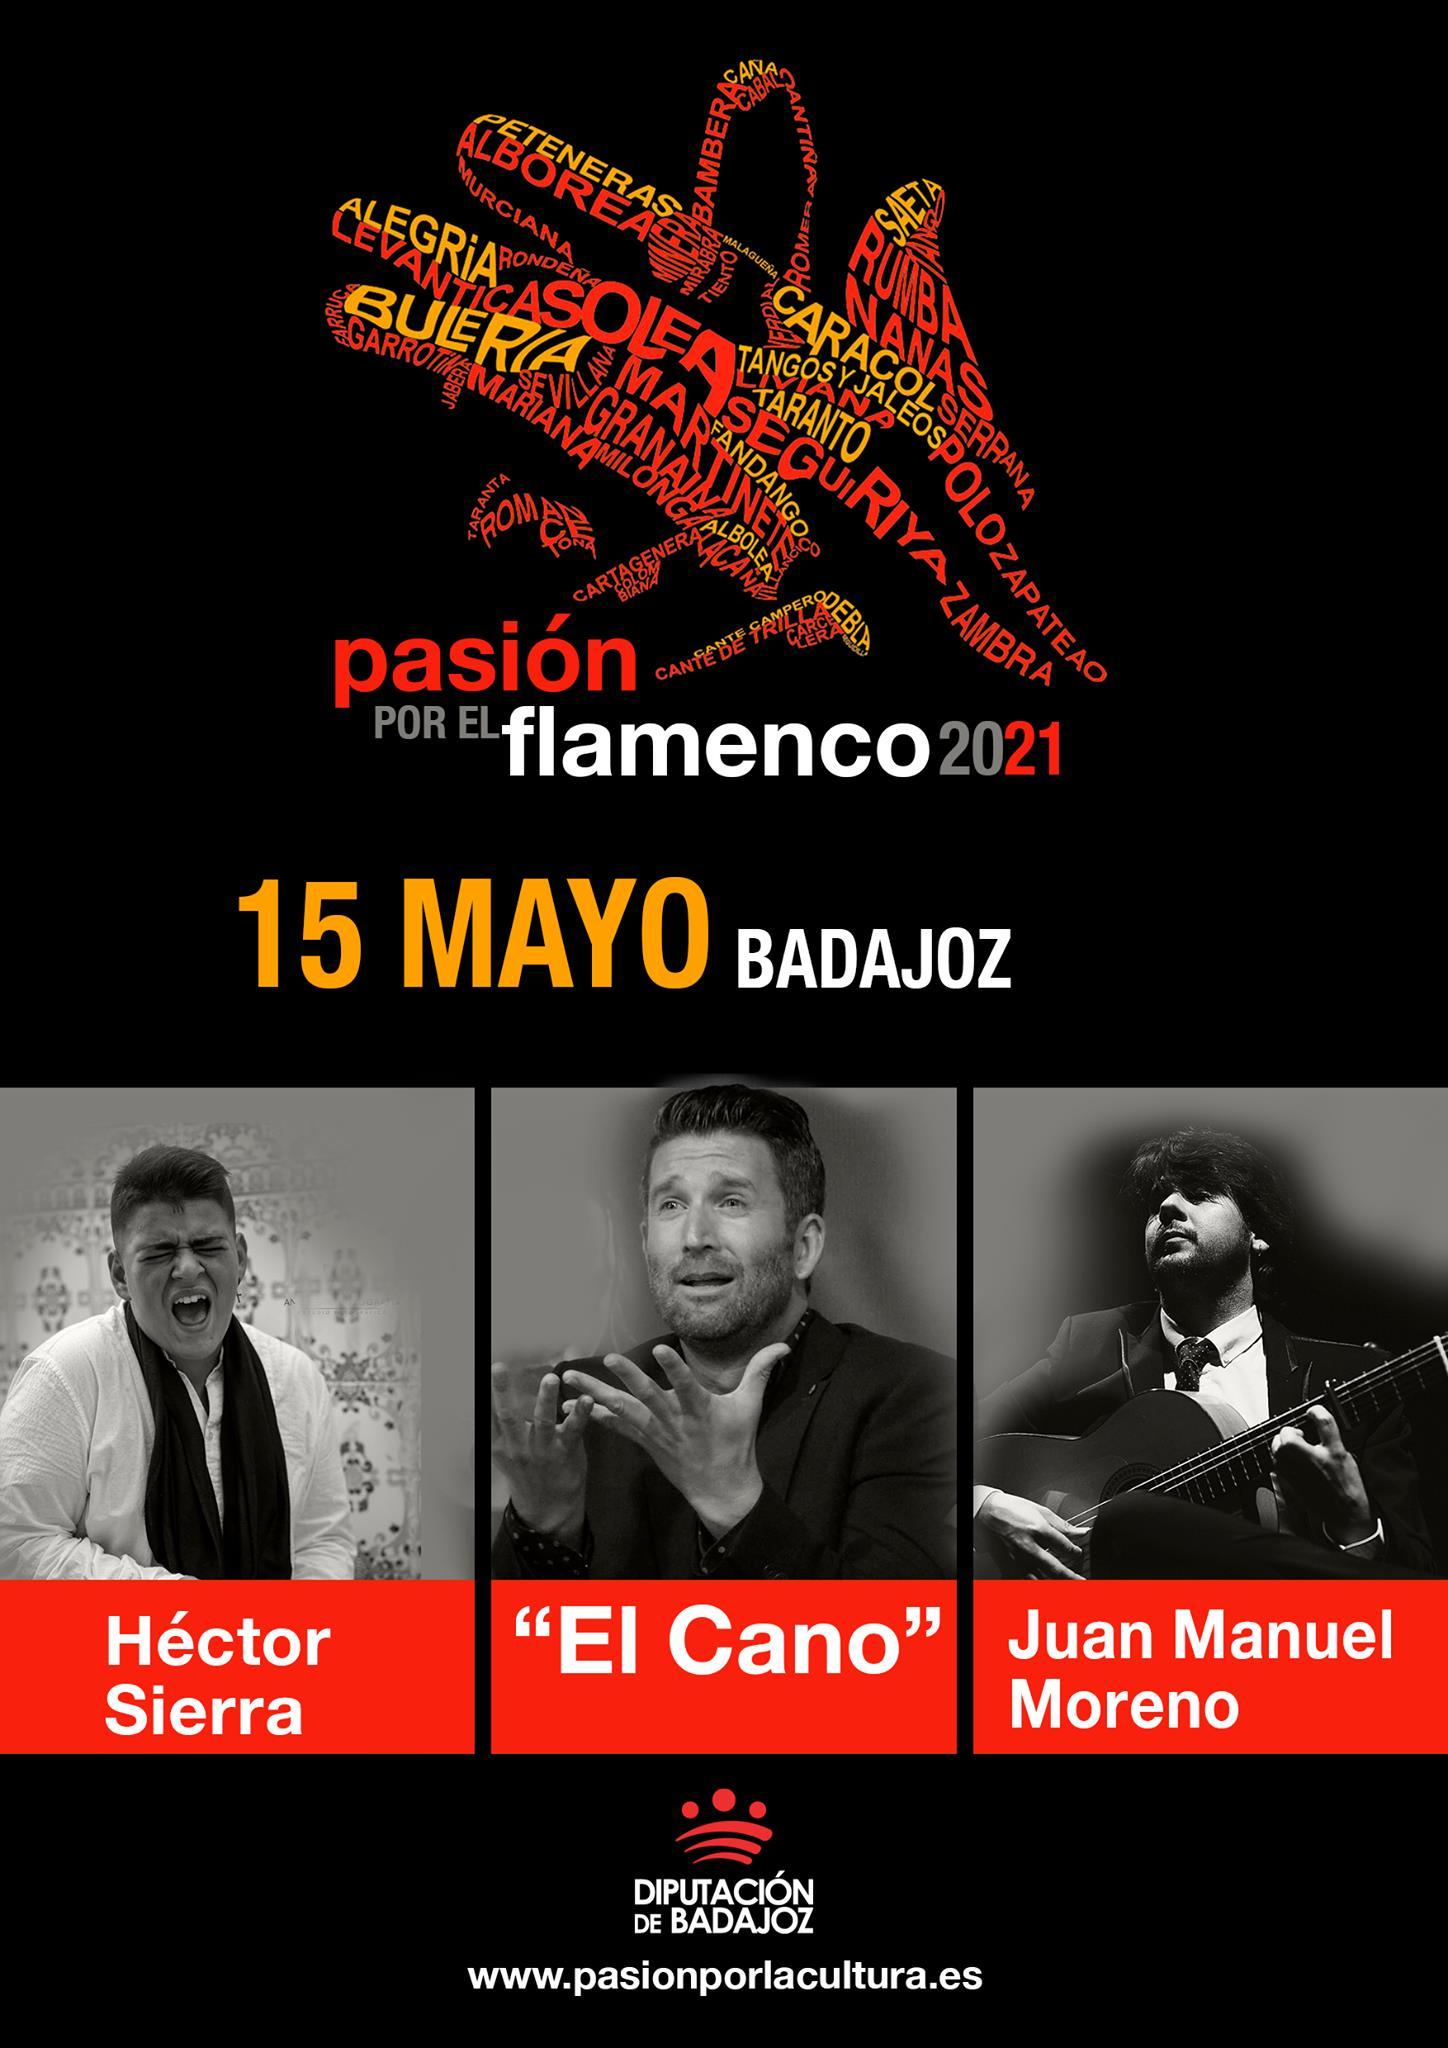 PASIÓN POR EL FLAMENCO | El Cano + Héctor Sierra + Juan Manuel Moreno